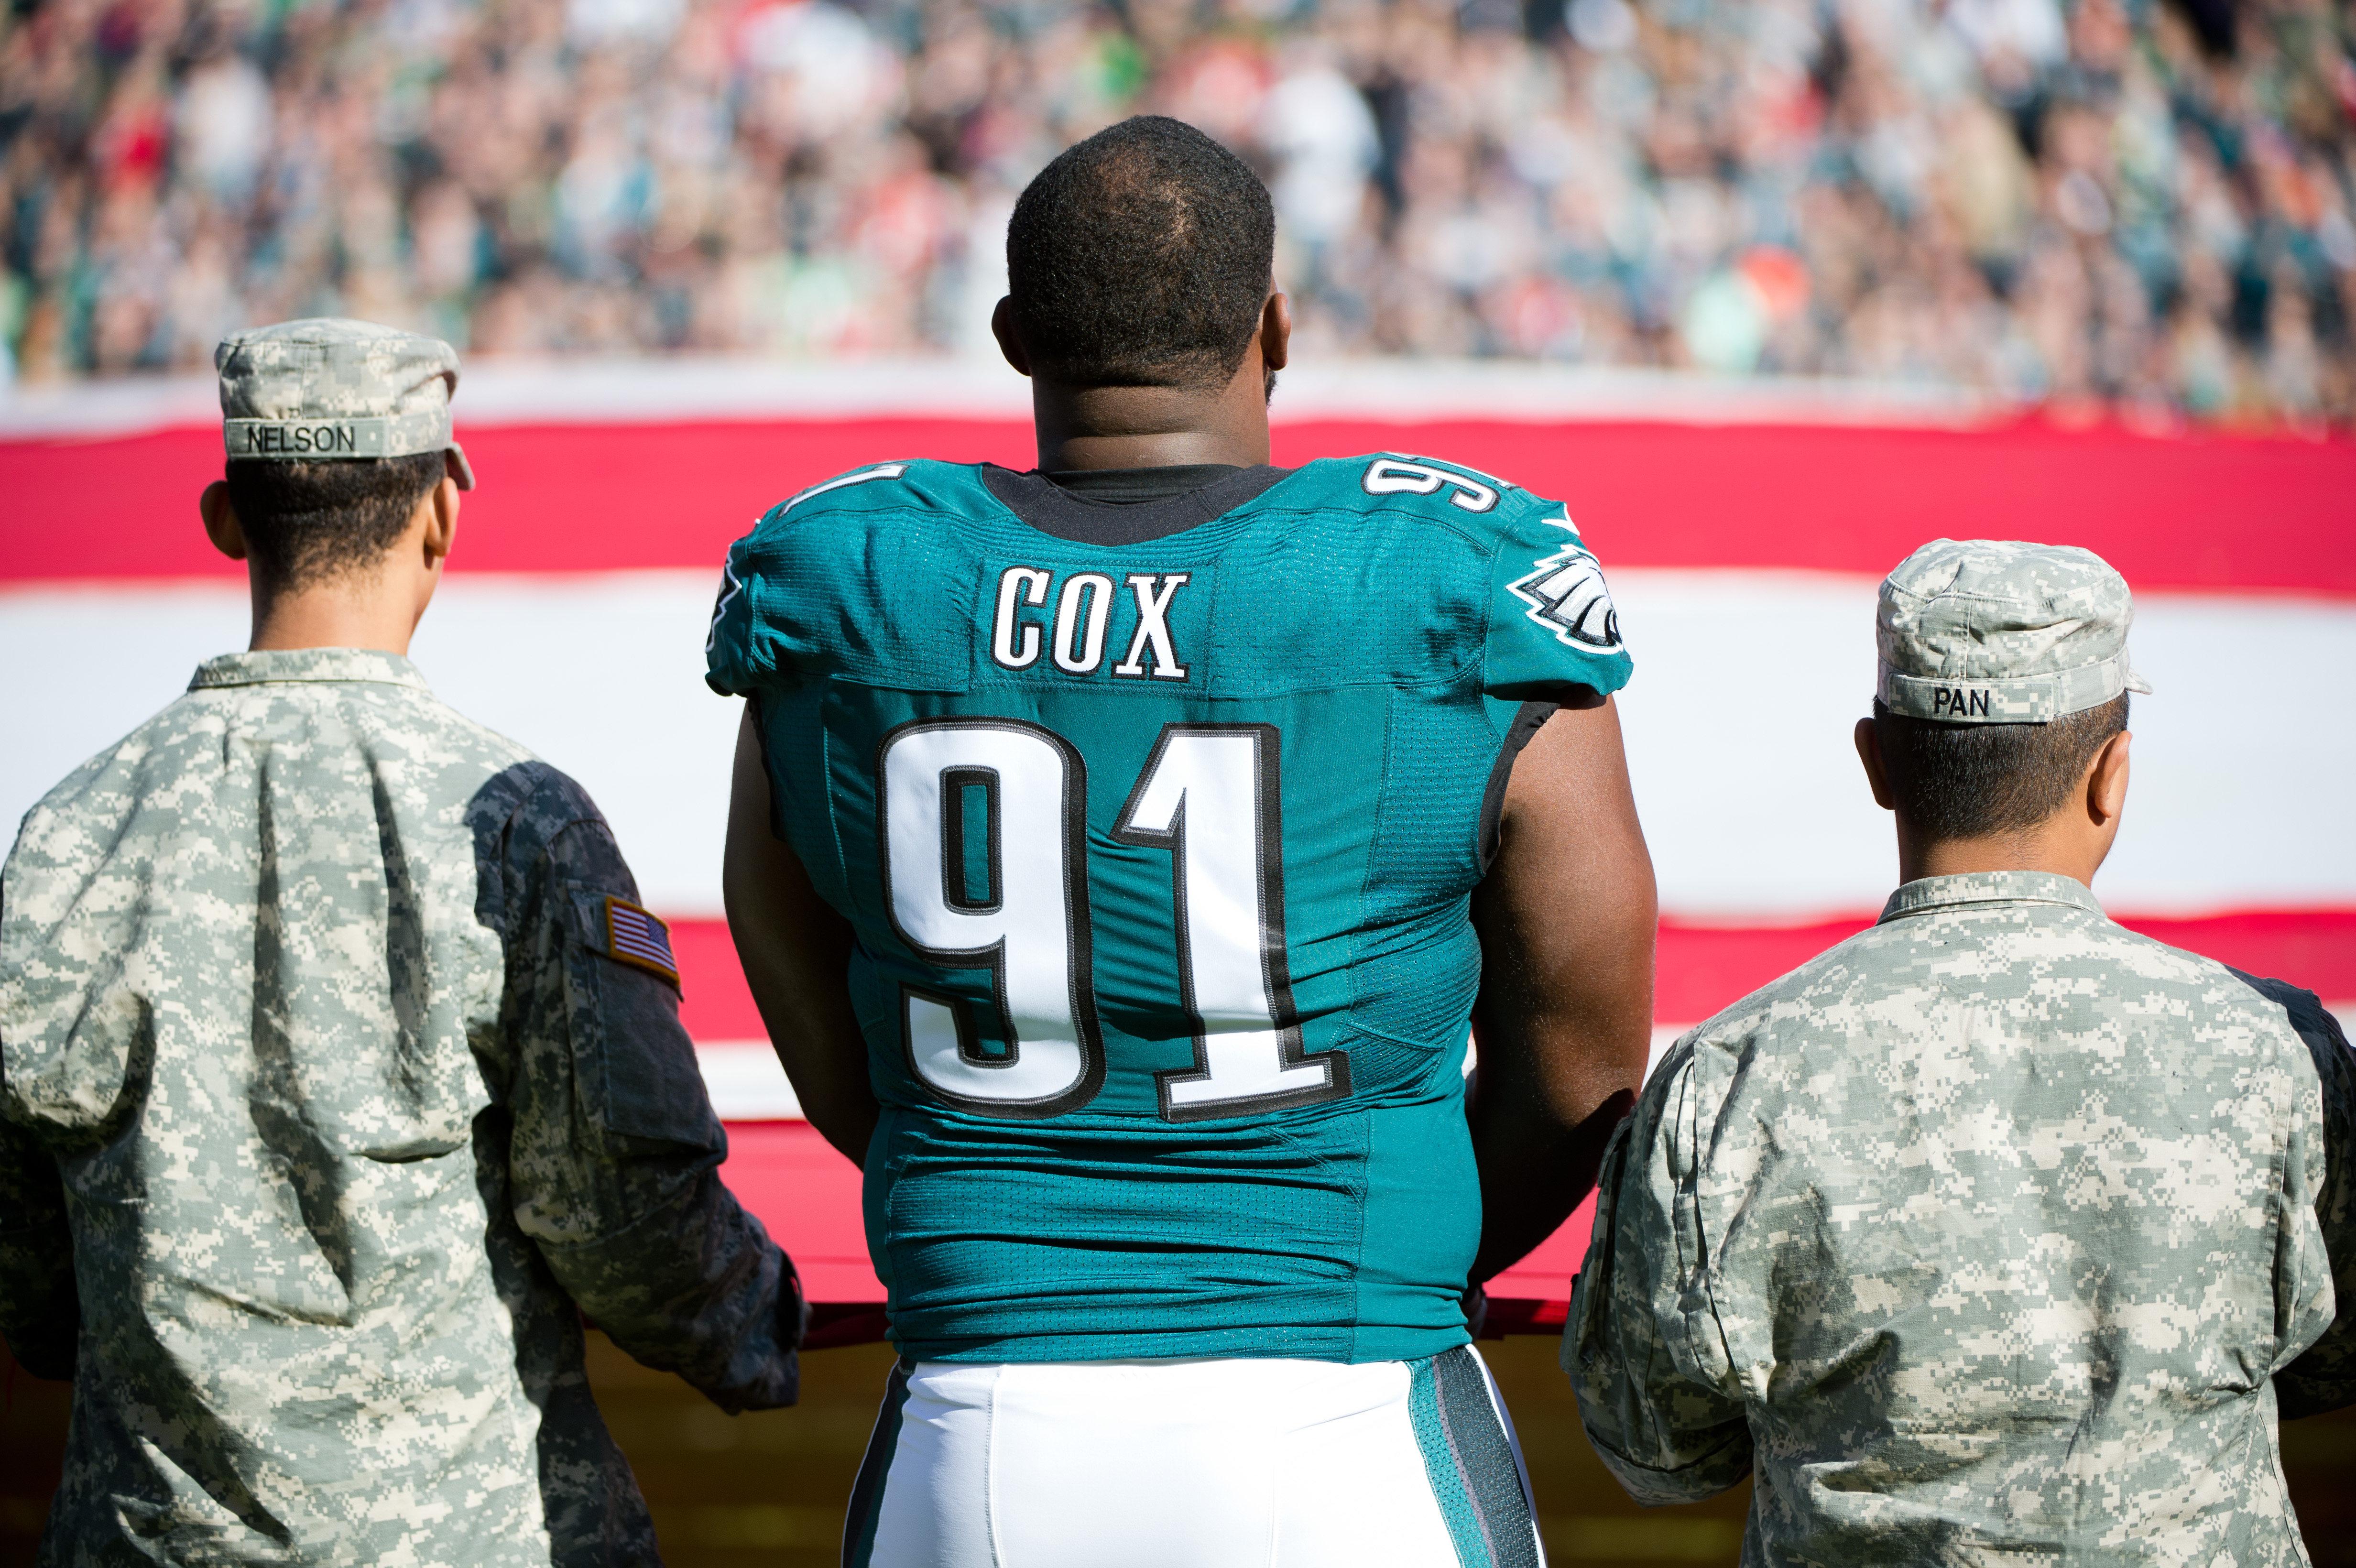 NFL: NOV 13 Falcons at Eagles